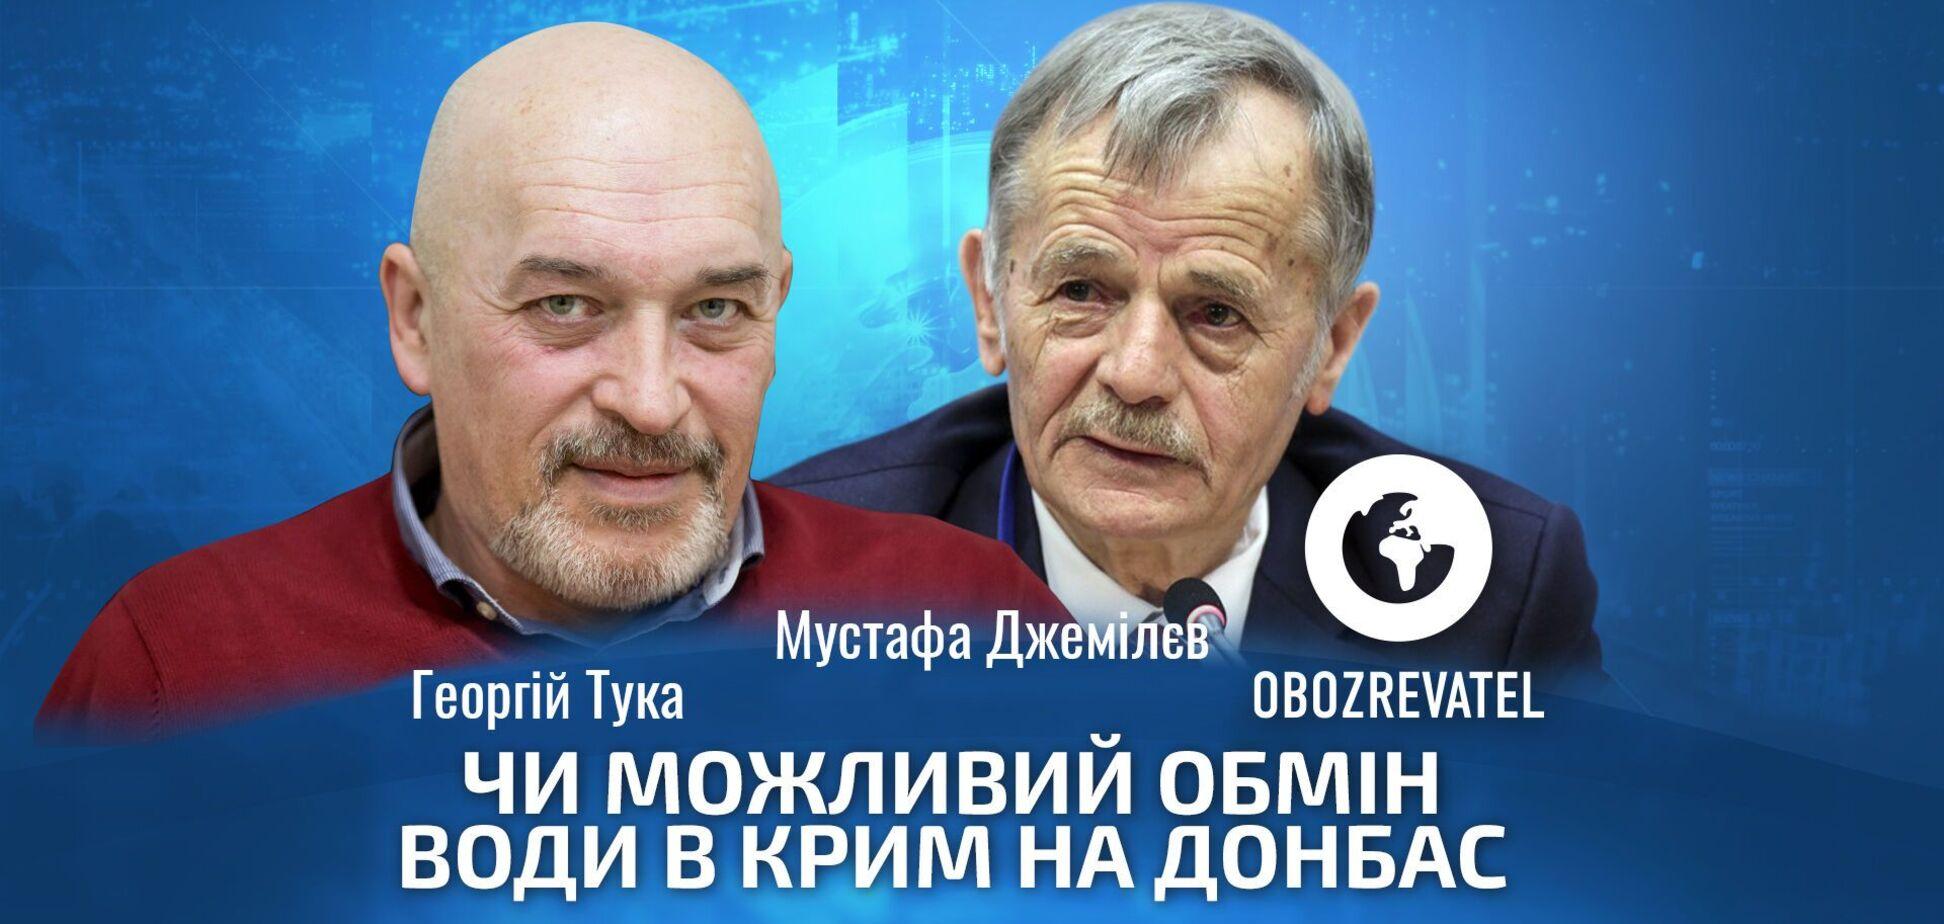 Вода в Крим в обмін на Донбас: Джемілєв і Тука озвучили прогнози